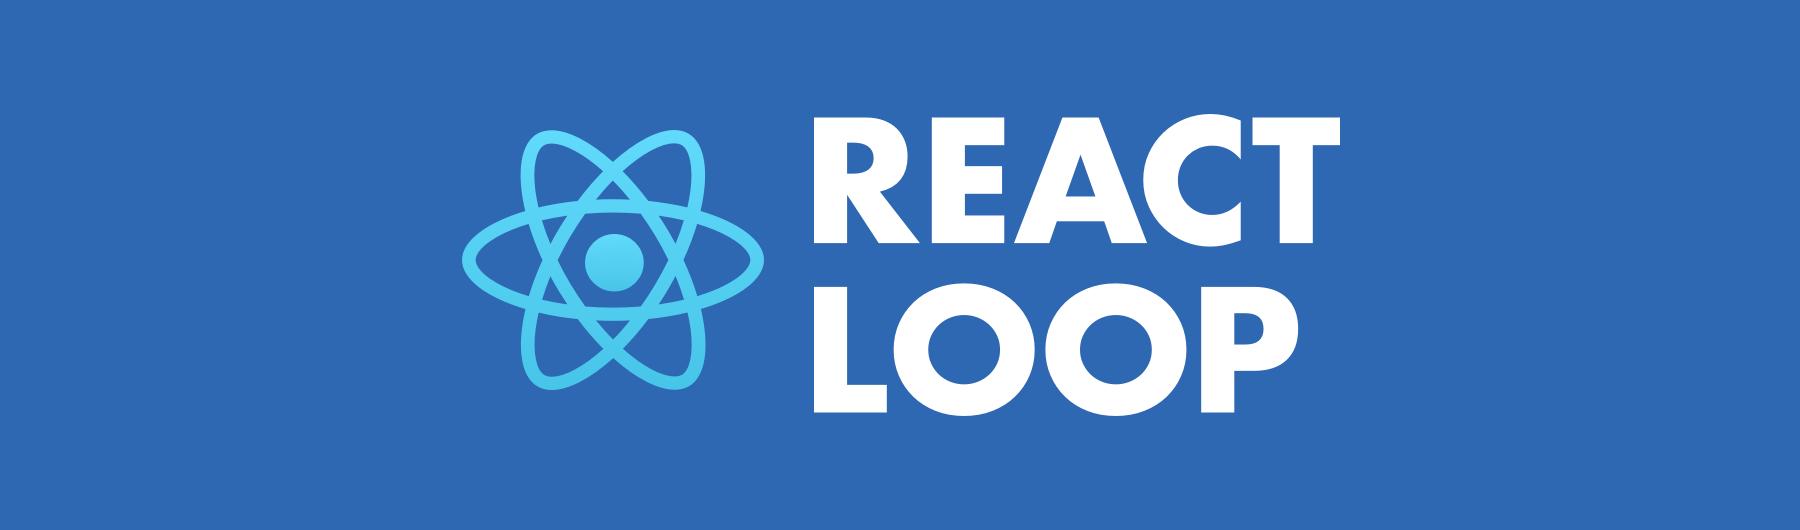 React Loop 2020